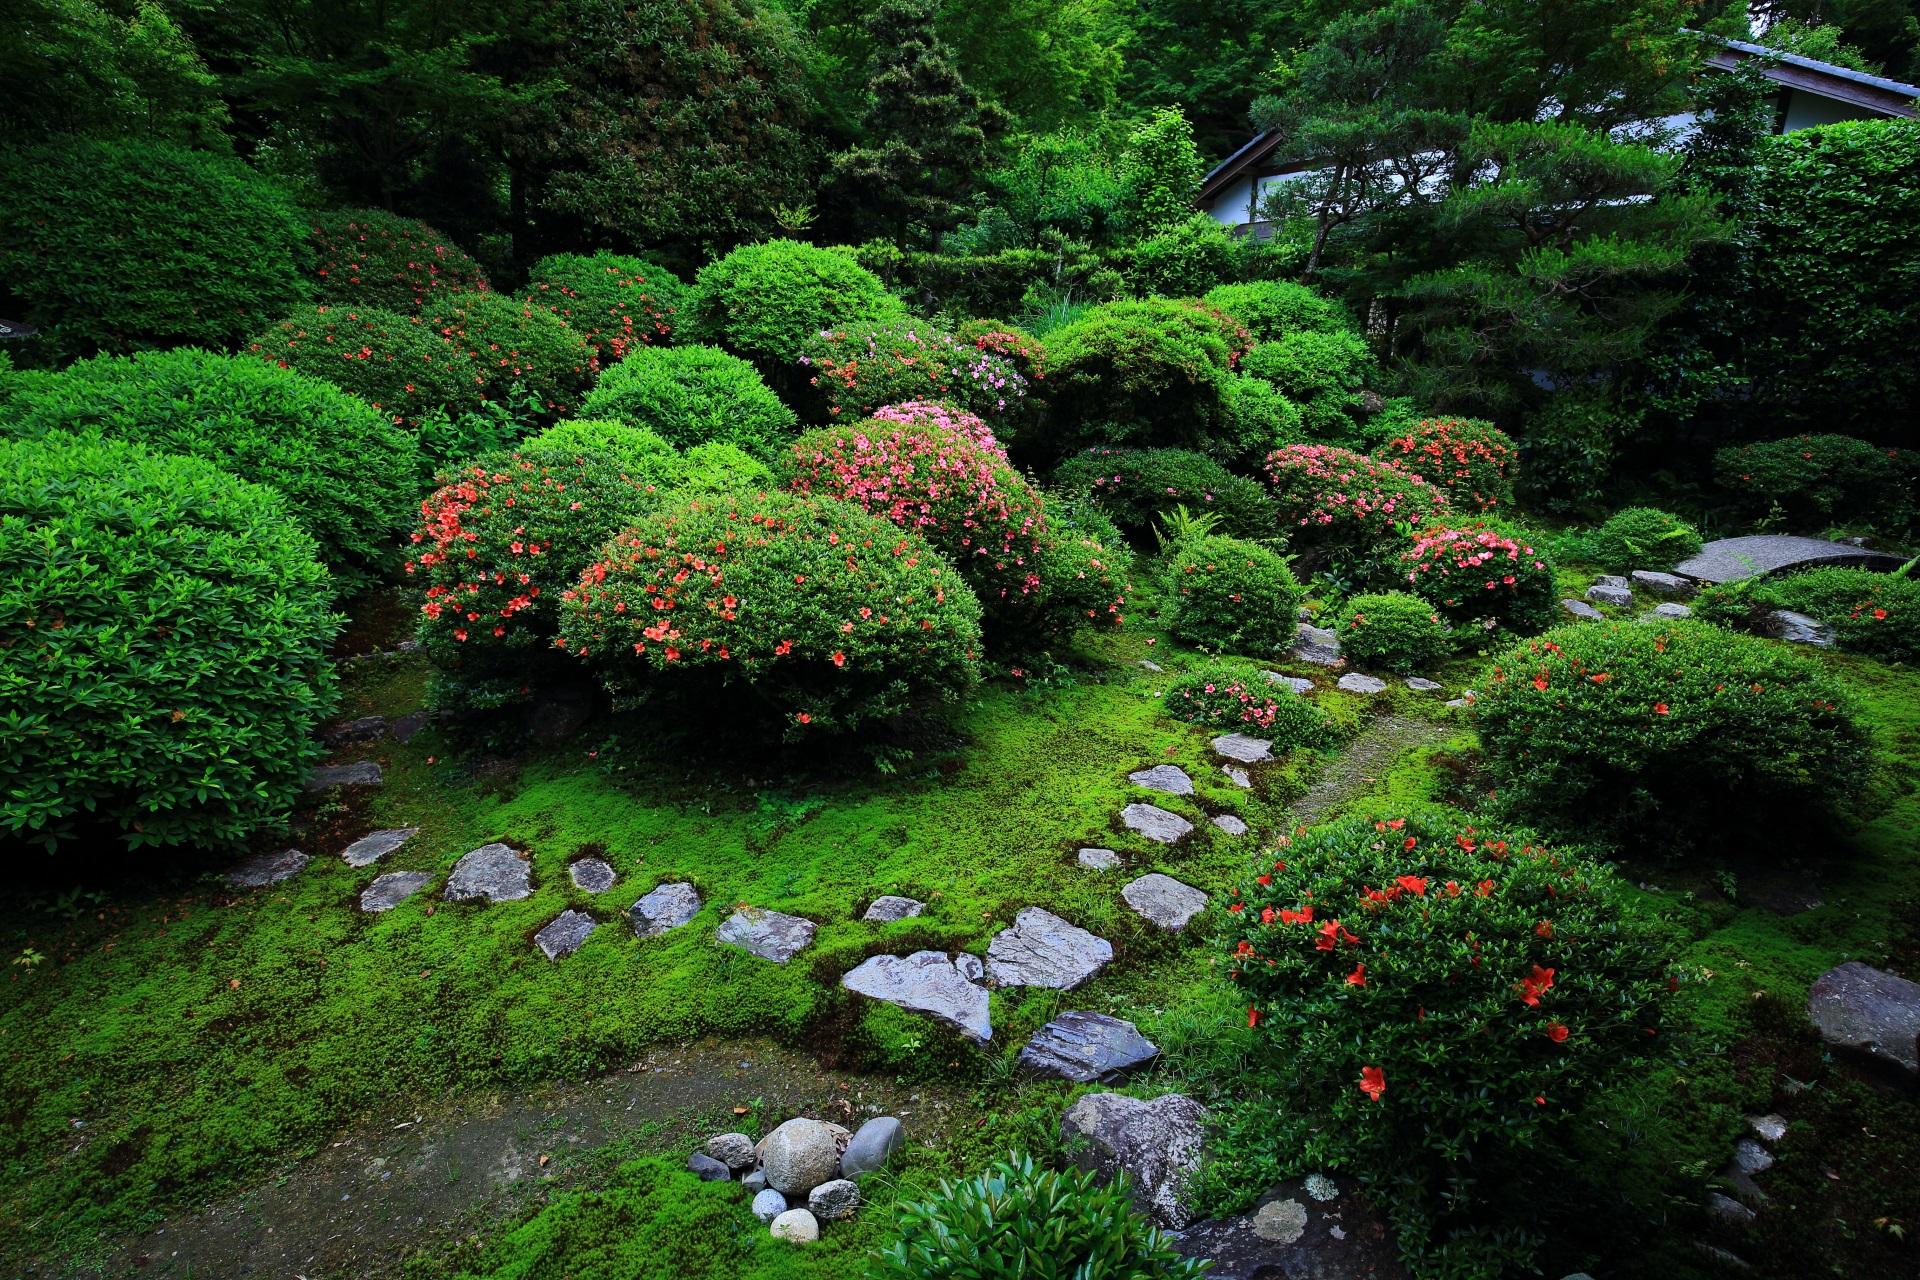 美しい苔と飛び石と広がる素晴らしい緑の庭園